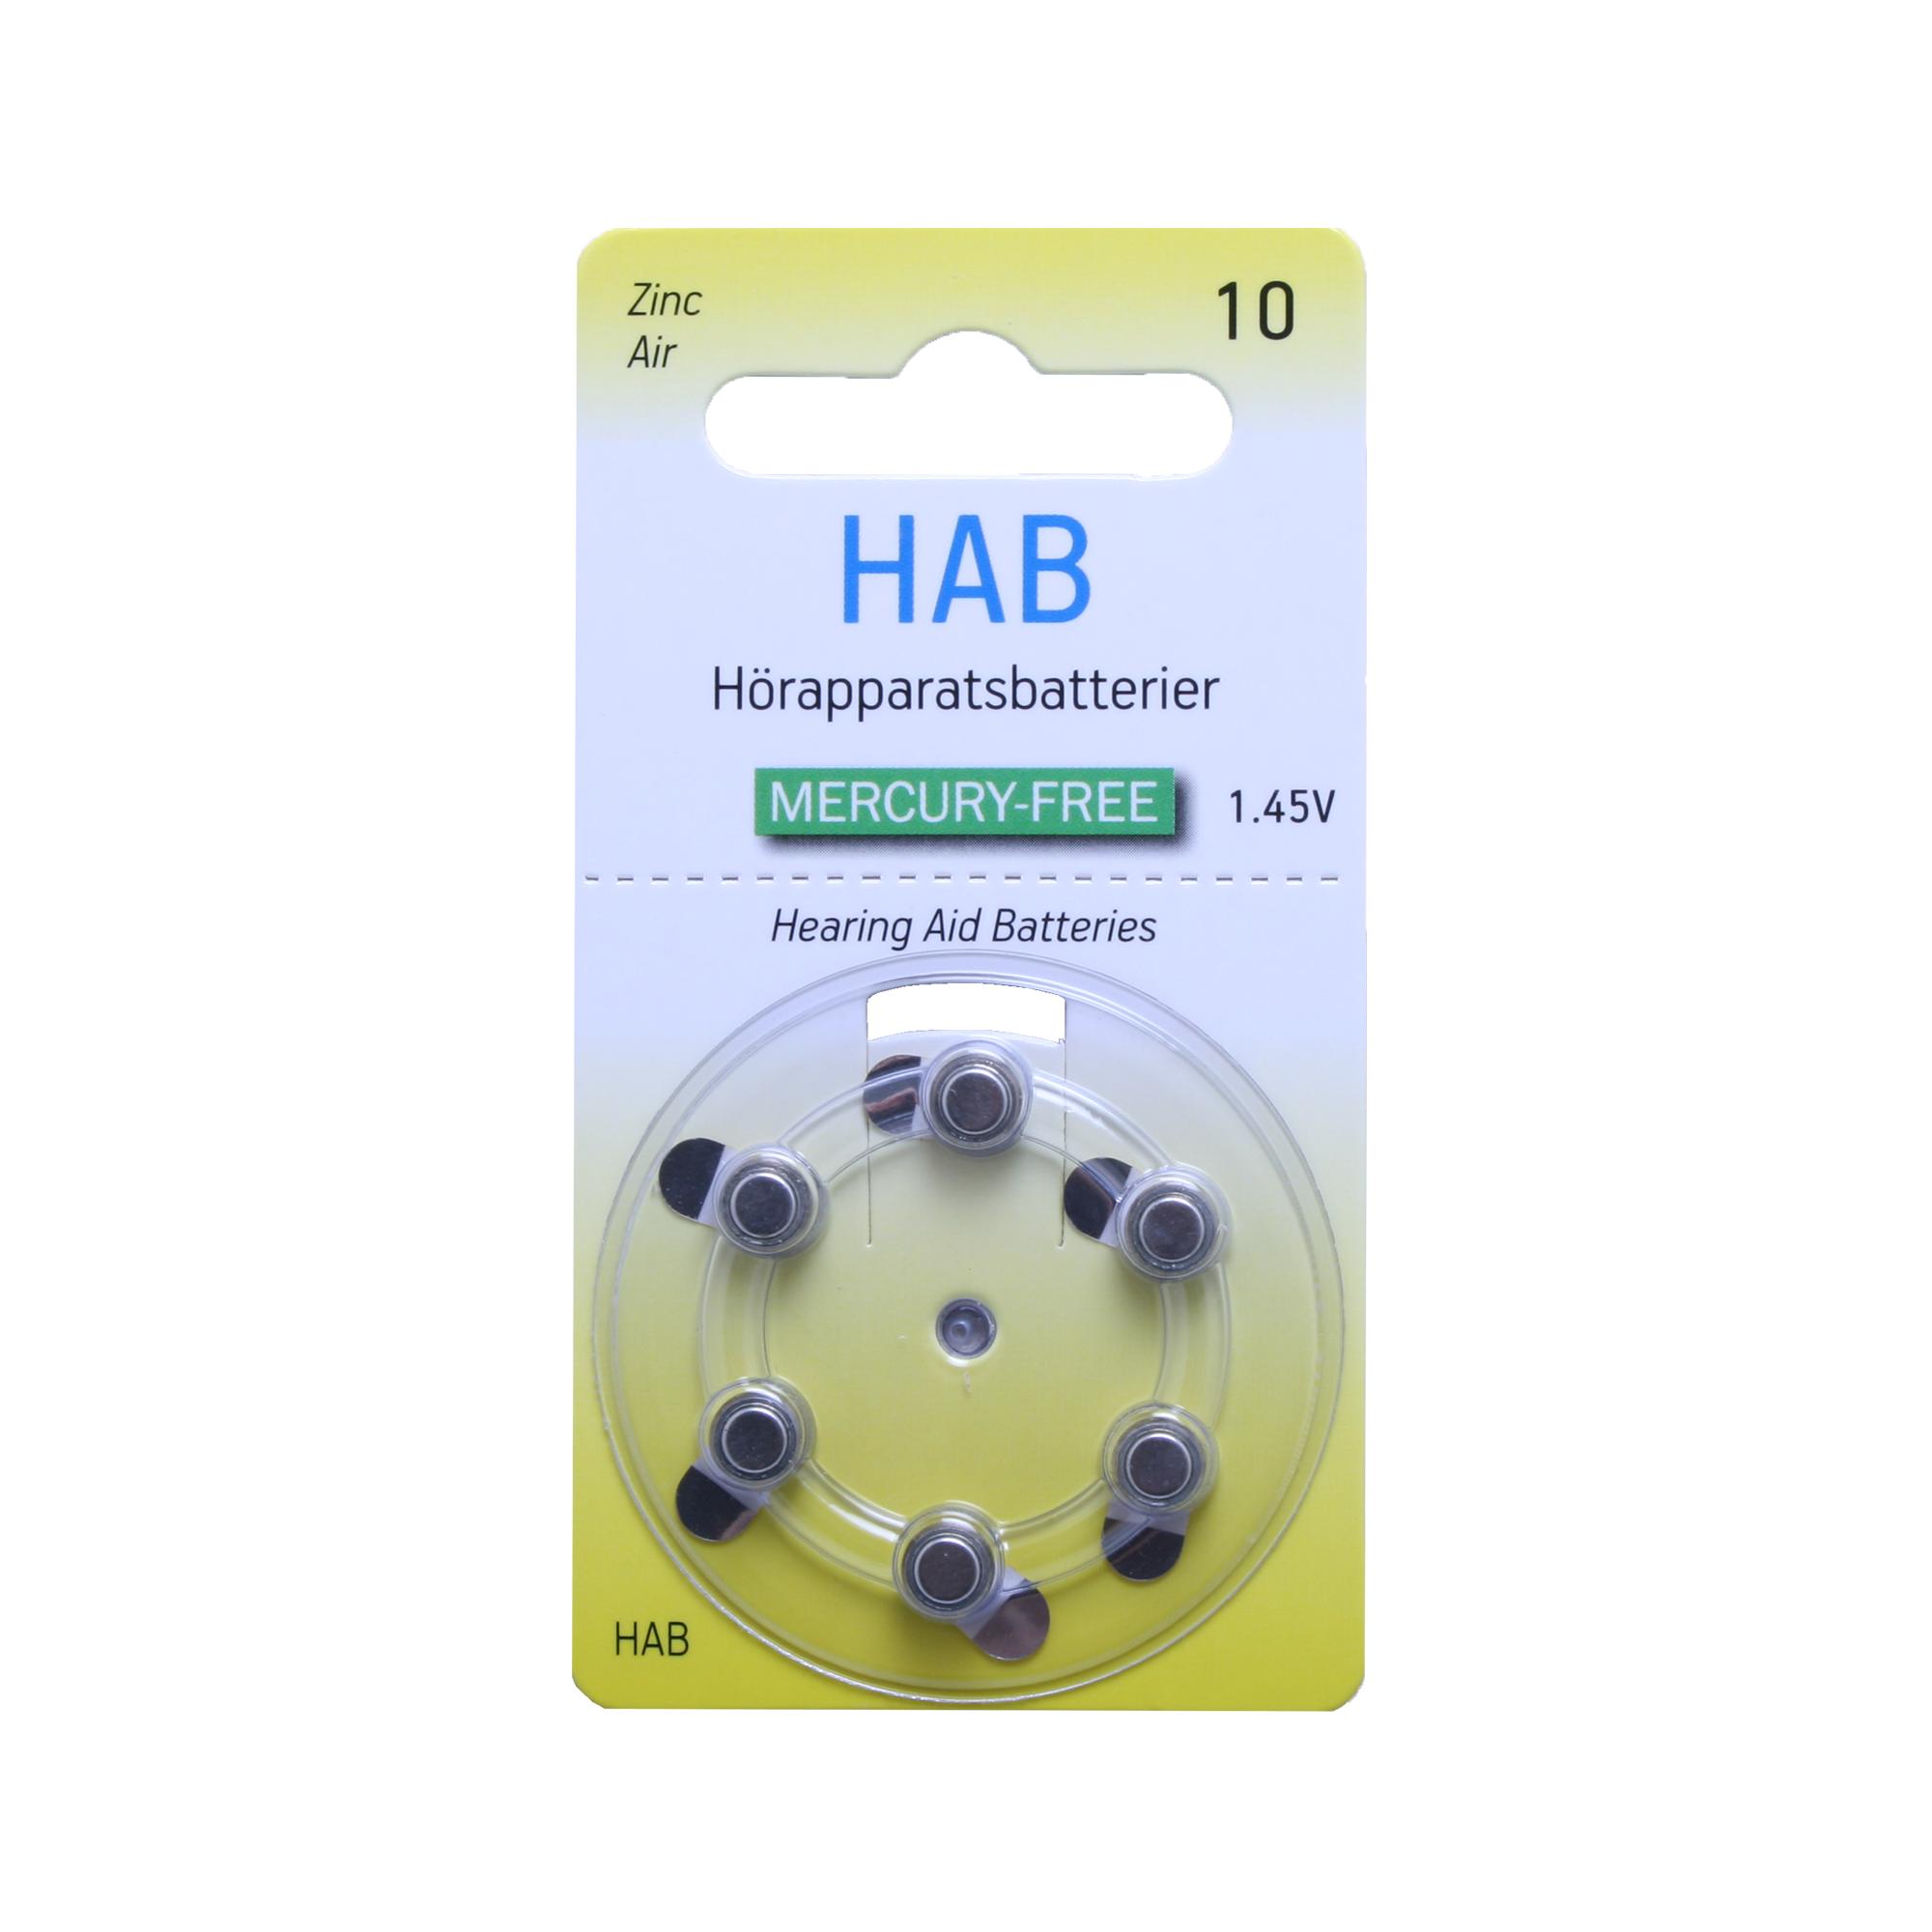 HAB A10 MF – Hörapparatsbatteri